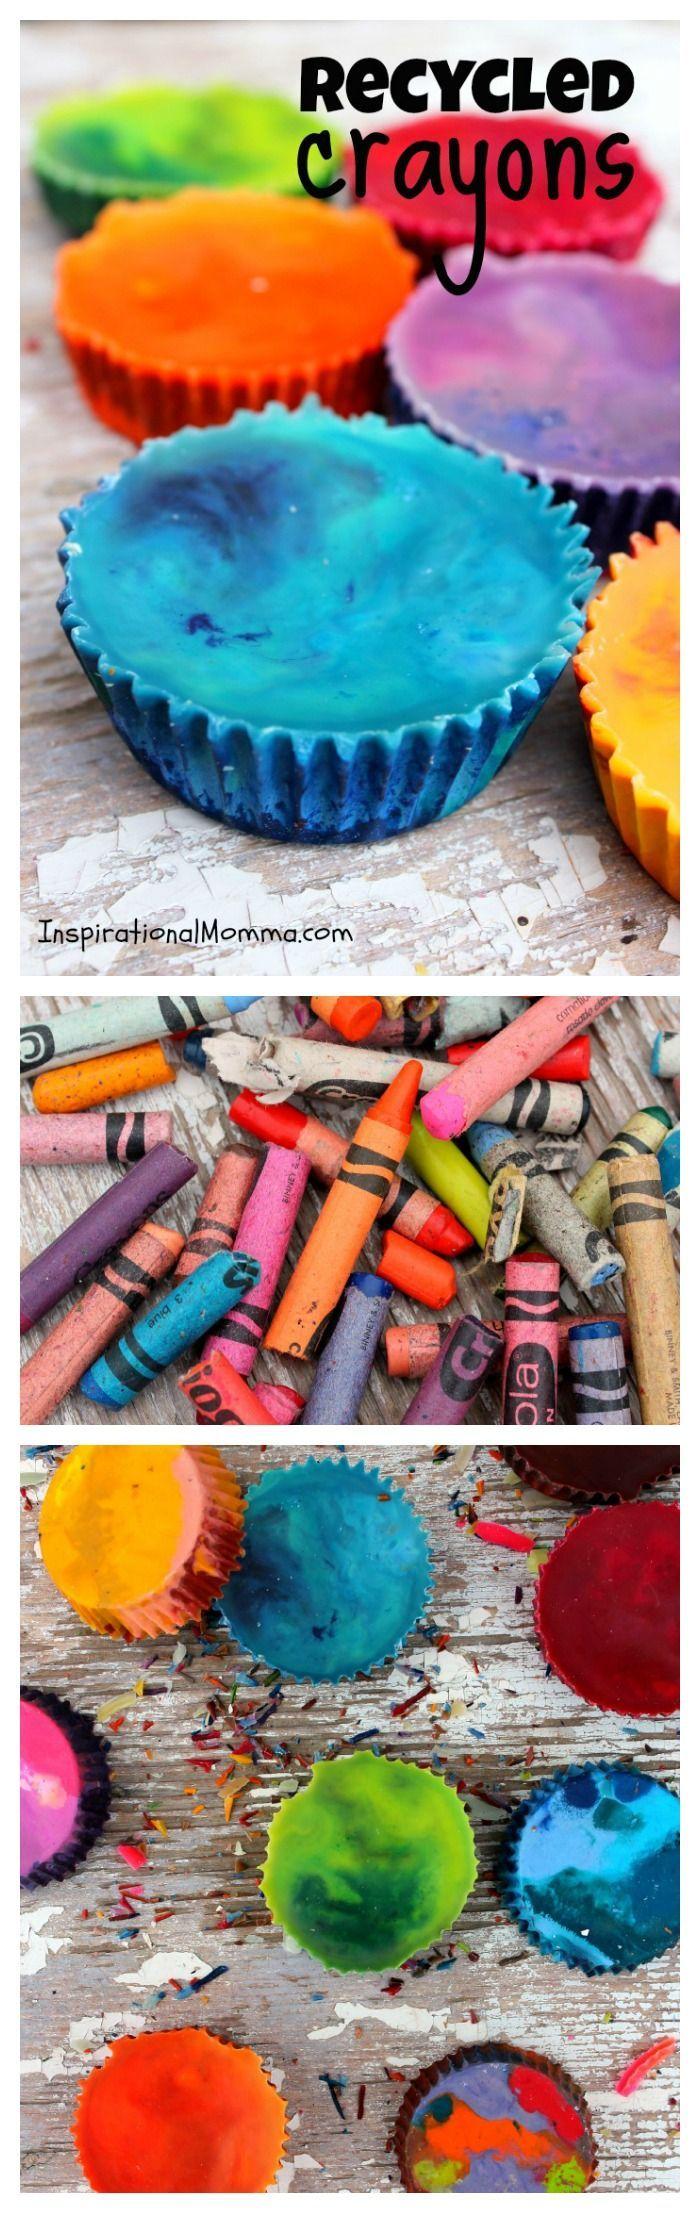 Recycelte Buntstifte – Werfen Sie diese benutzten und missbrauchten Buntstifte nicht weg! Bringen Sie sie ba …   – Recycling unit